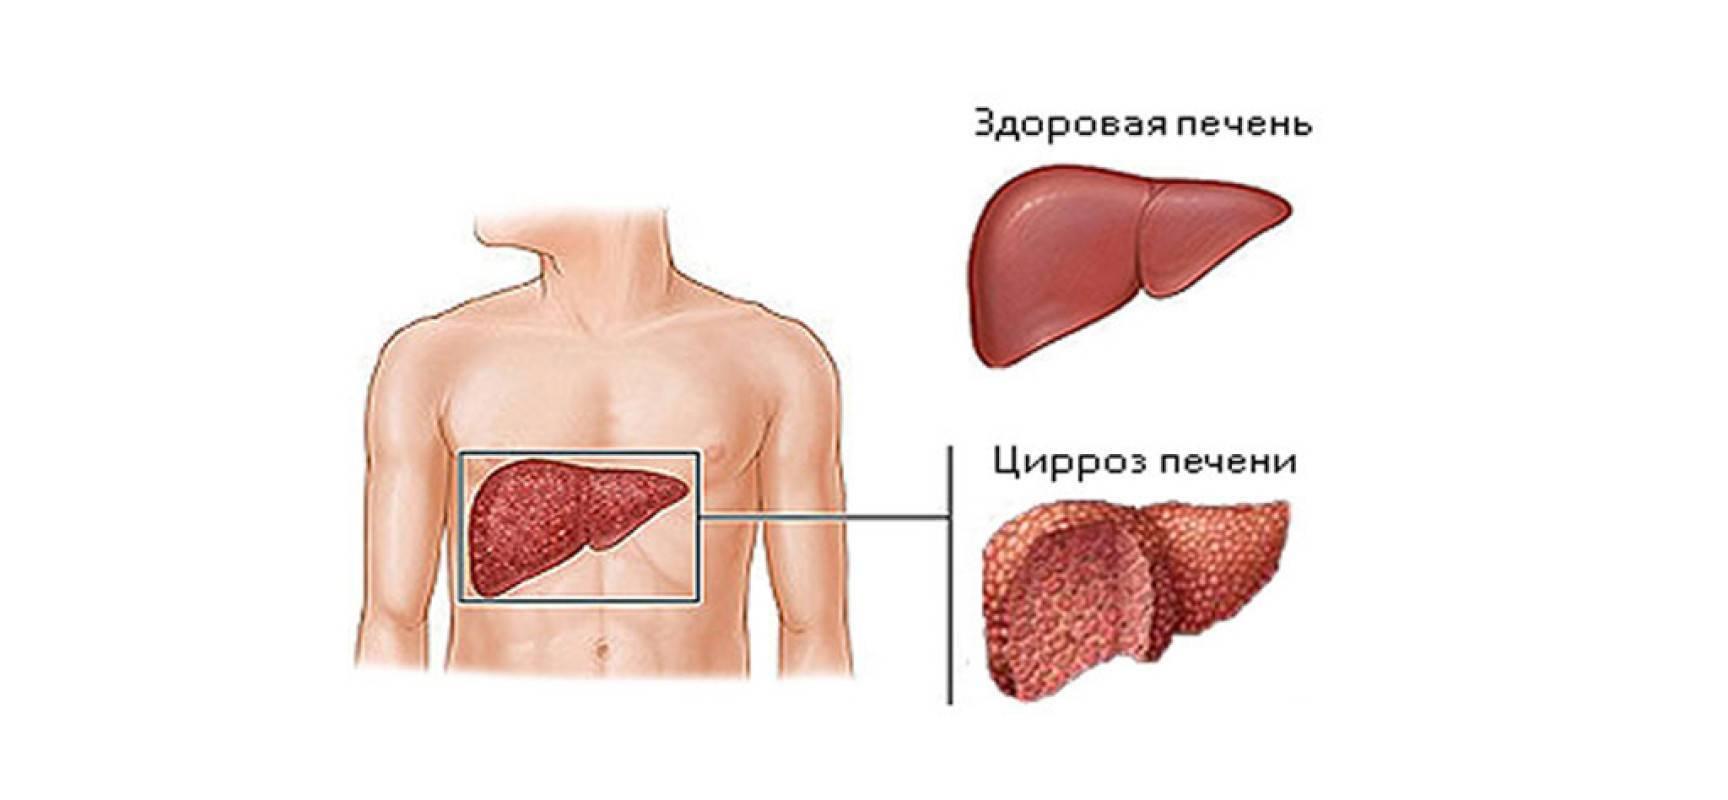 Можно ли заразиться циррозом печени от больного?